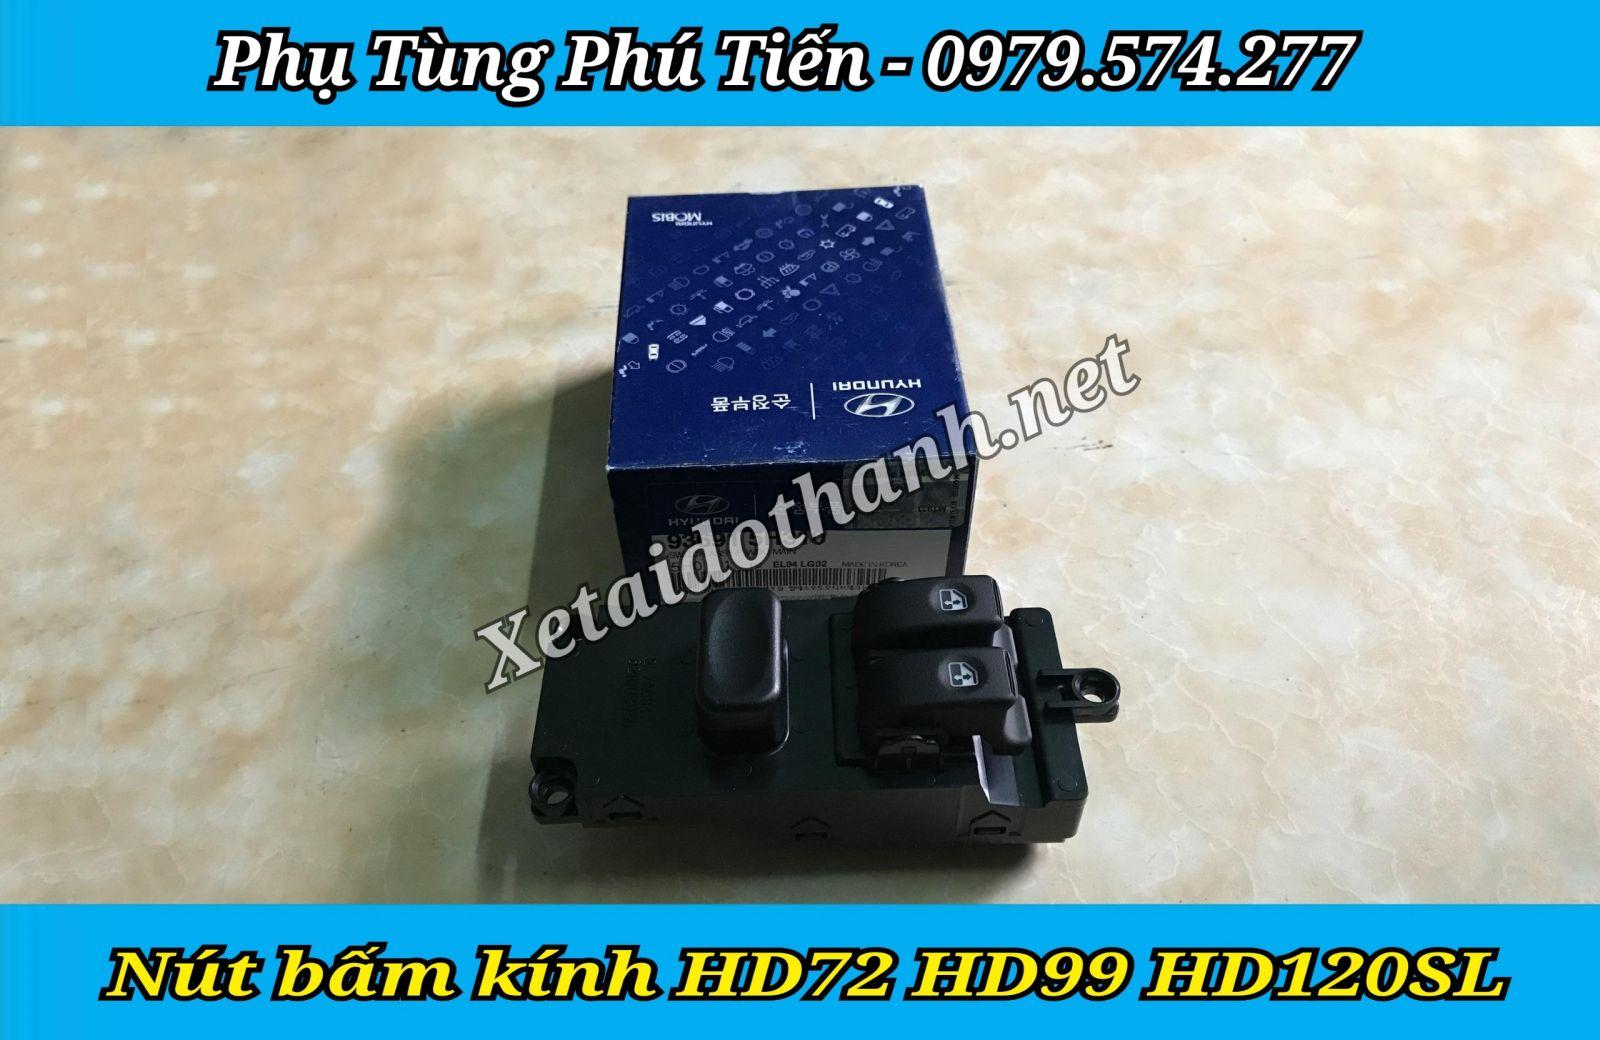 CONG TAC BAM KINH HD72 CHINH HANG